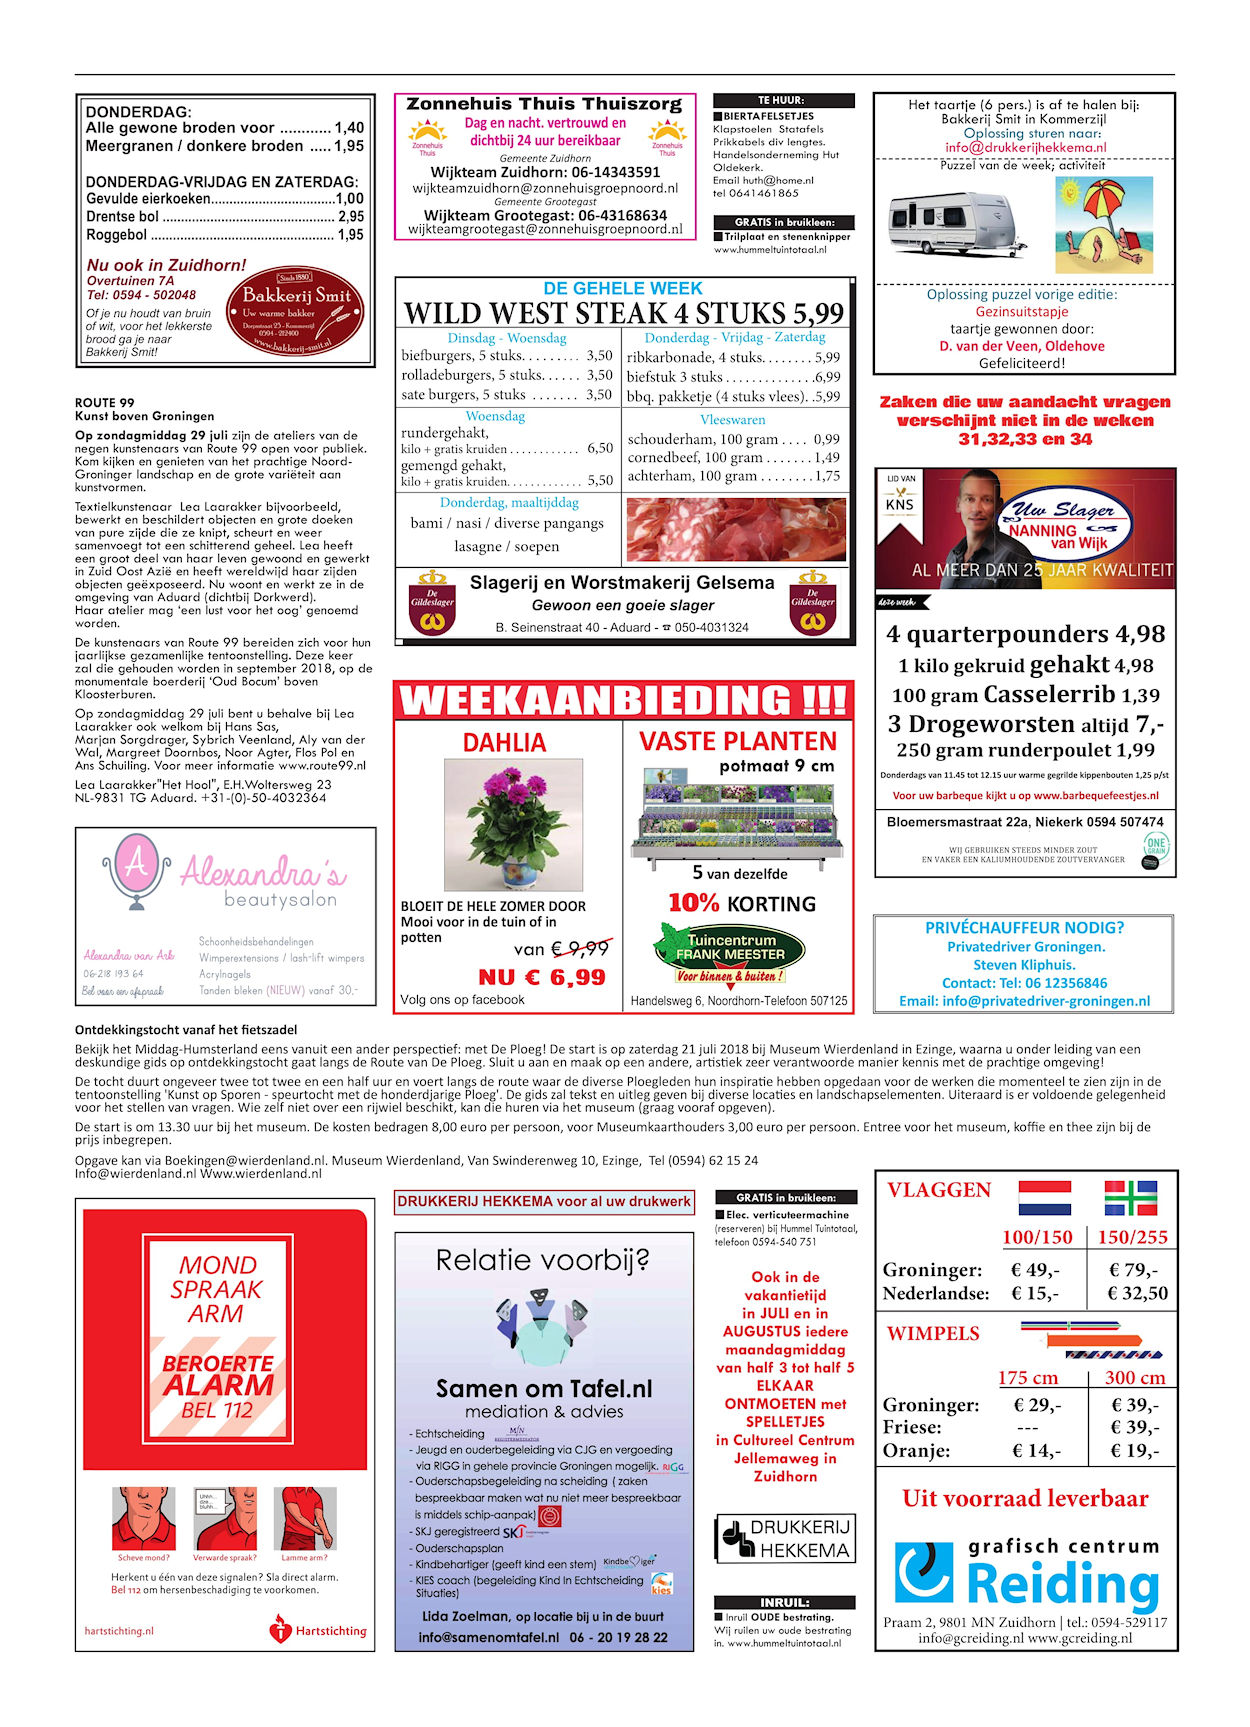 Drukkerij Hekkema - Zuidhorn - Zaken die uw aandacht vragen - 2018 week 29 (2)